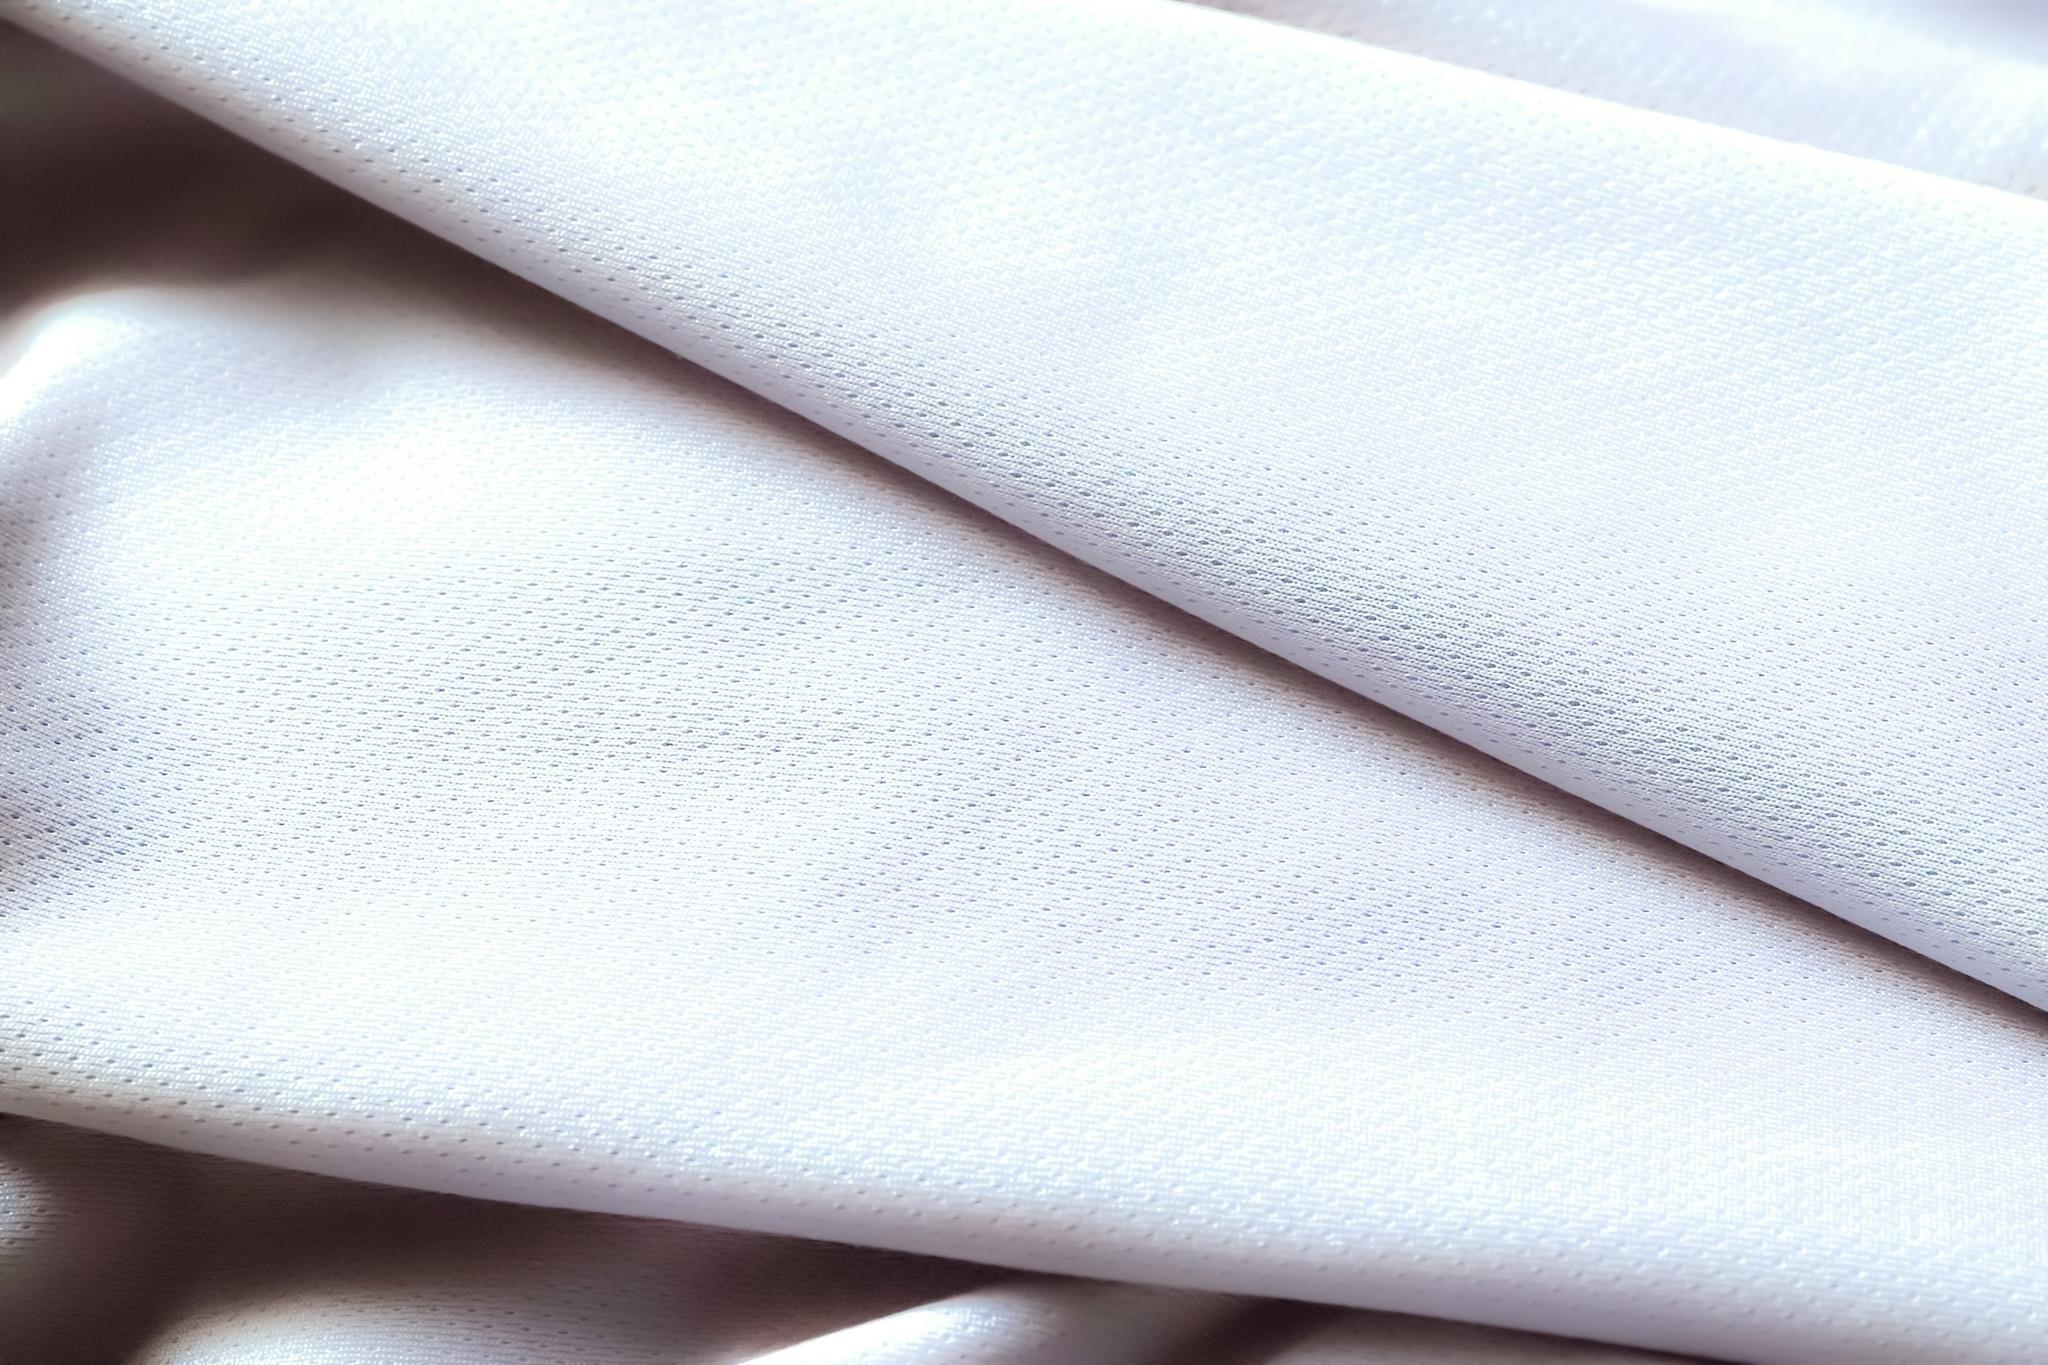 「重なり合う白い薄手の生地」